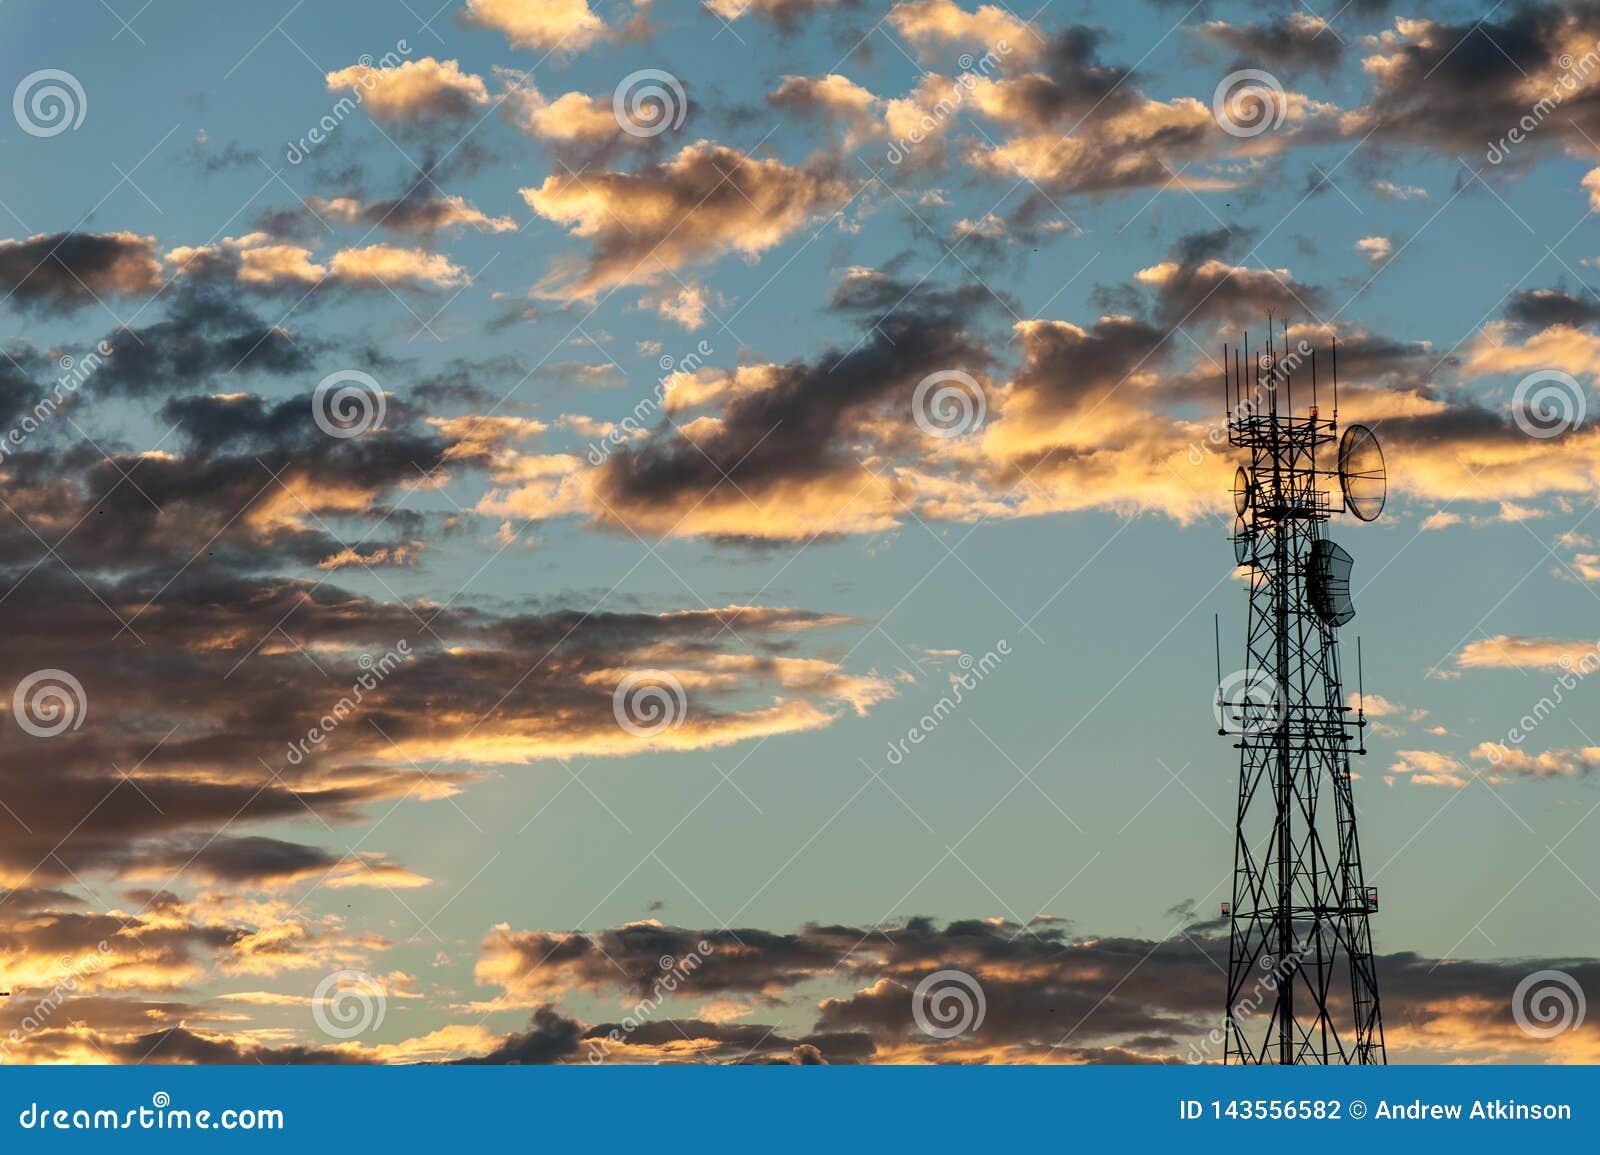 Sonnenaufgang hinter einem Fernsehturm für Radio und Fernsehsendung